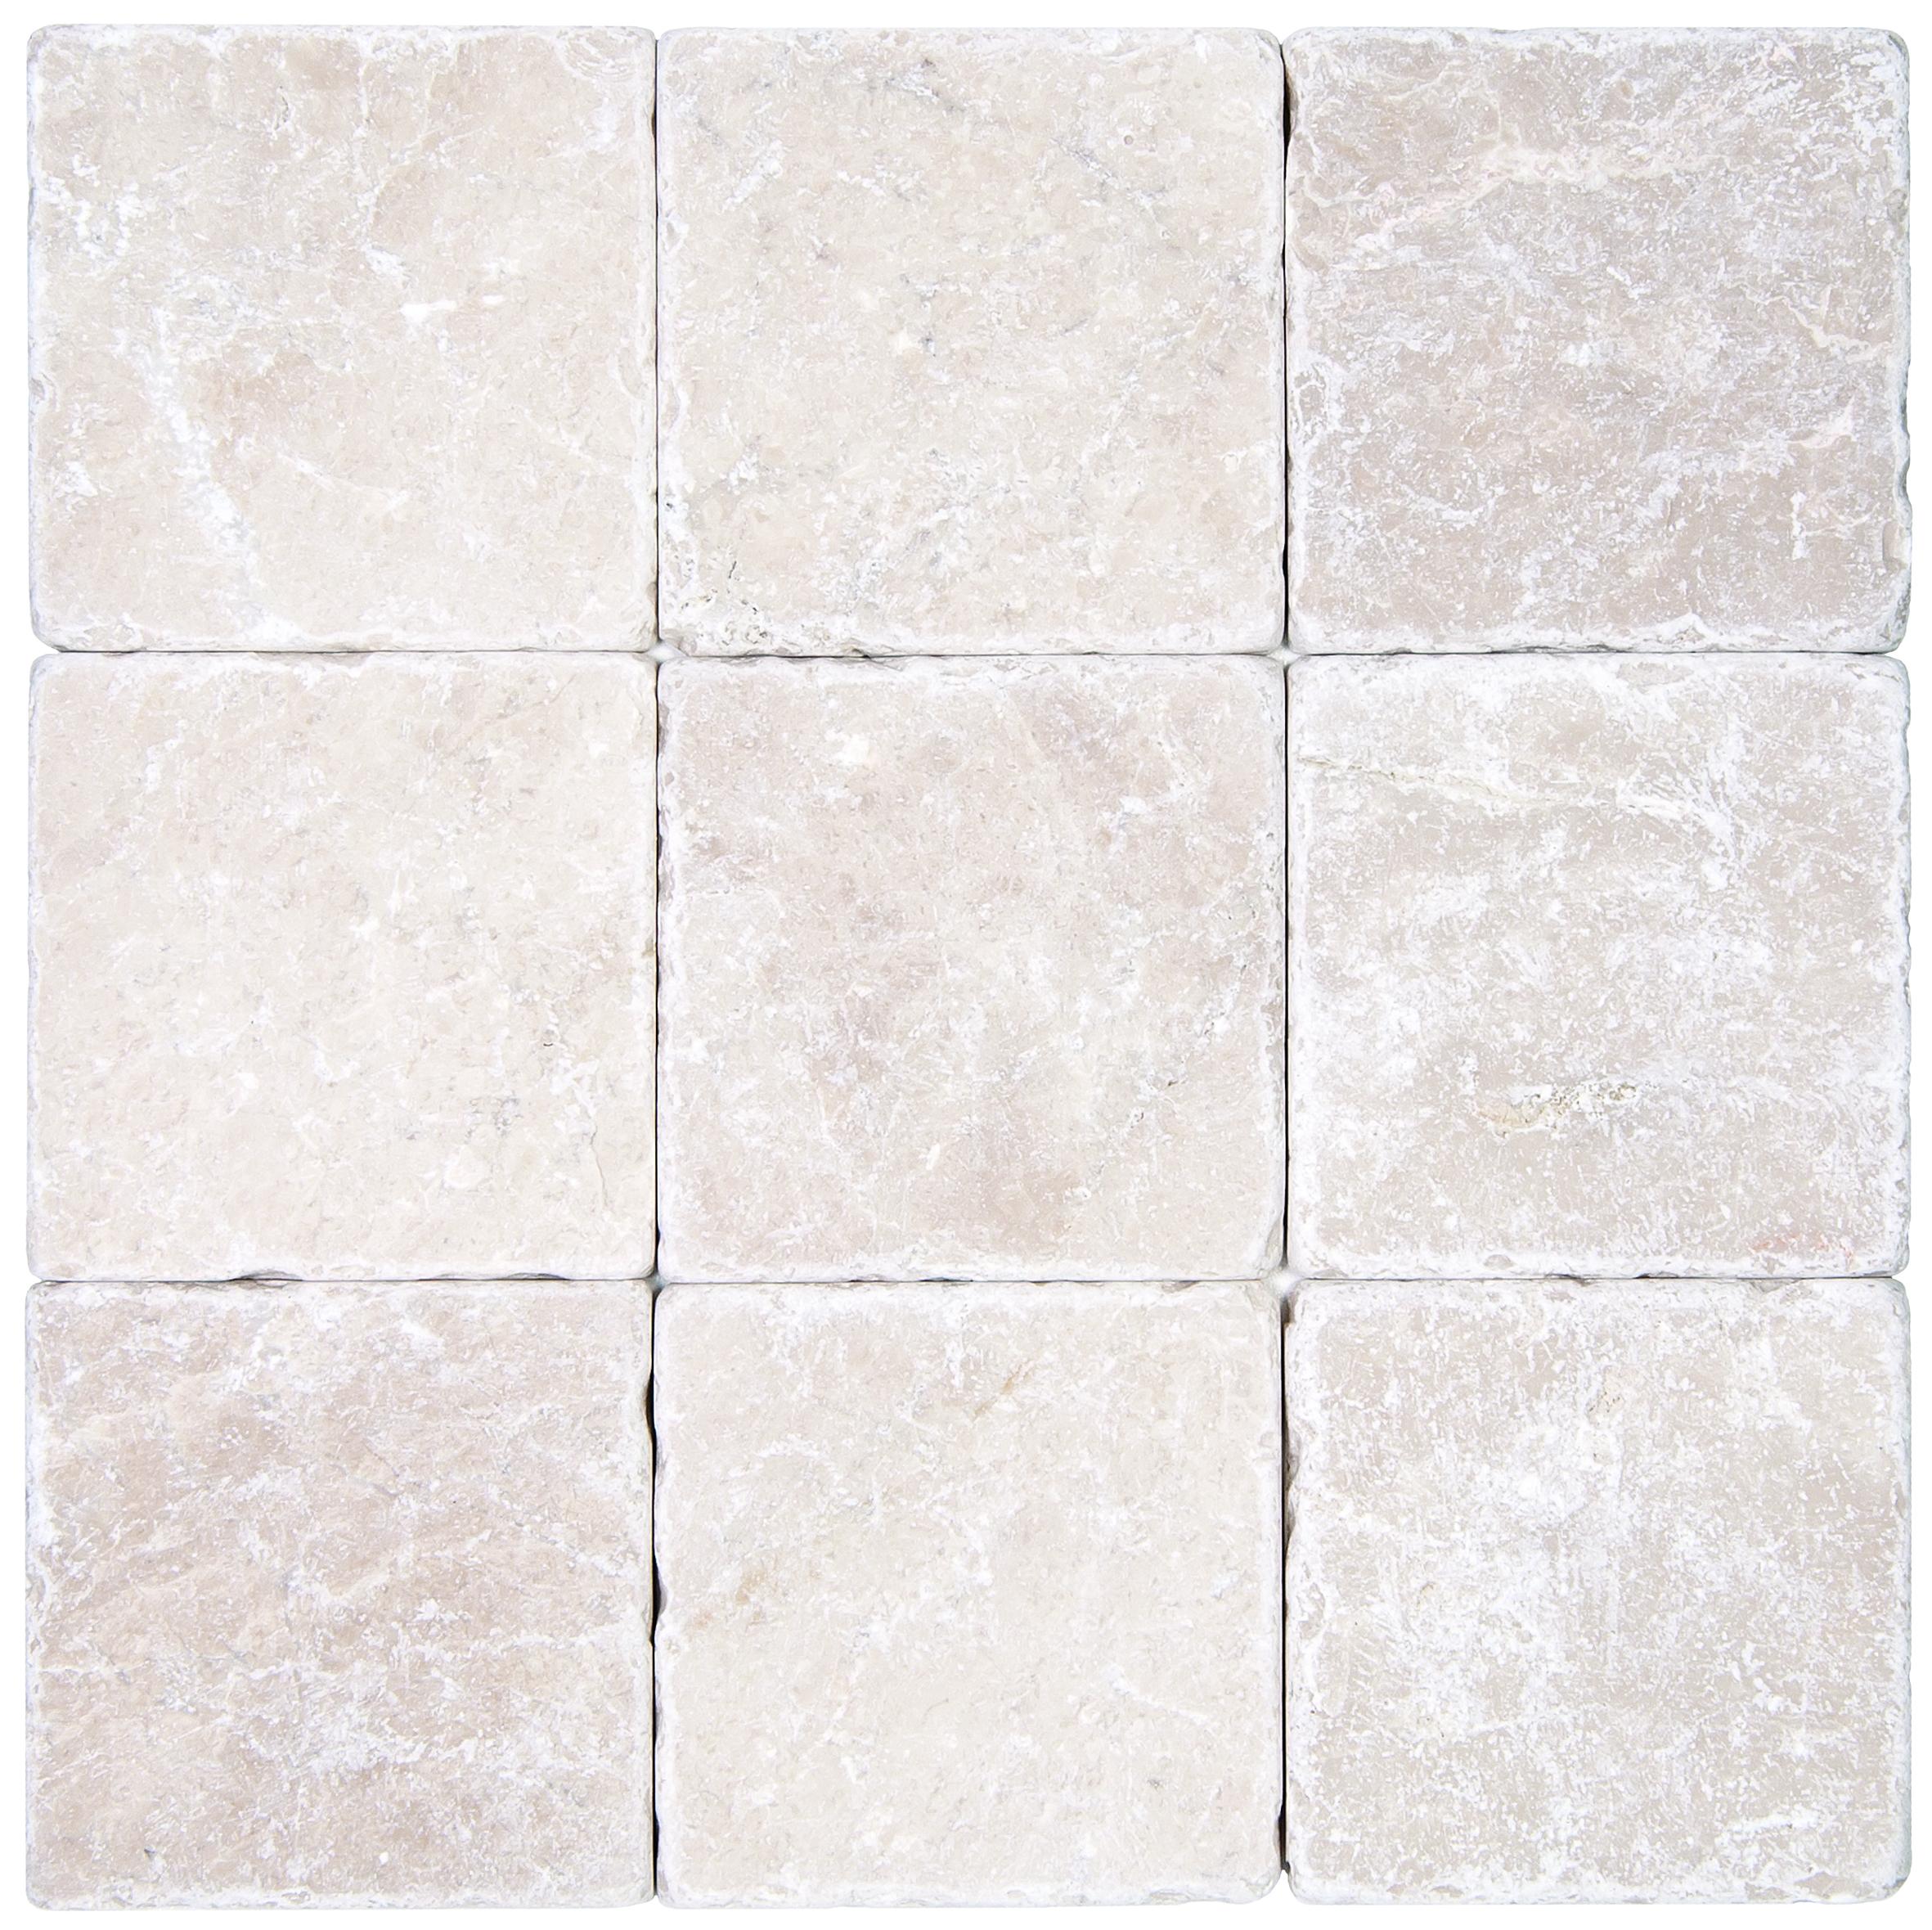 botticino beige tumbled marble mosaic